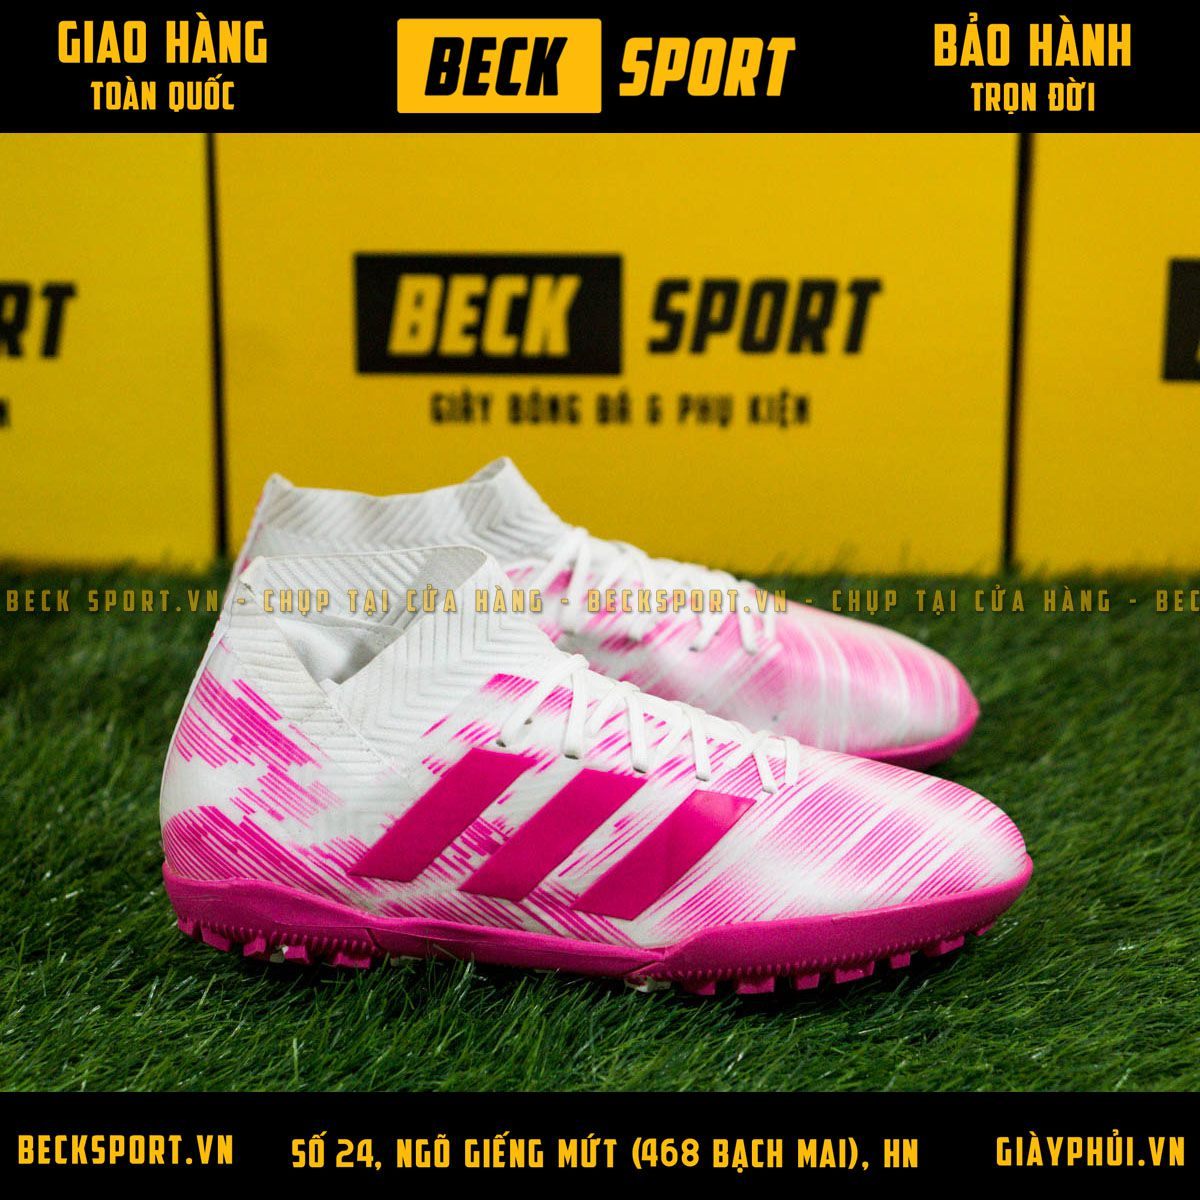 Giày Bóng Đá Adidas Nemeziz 18.3 Trắng Vạch Hồng Đế Hồng Cổ Chéo TF